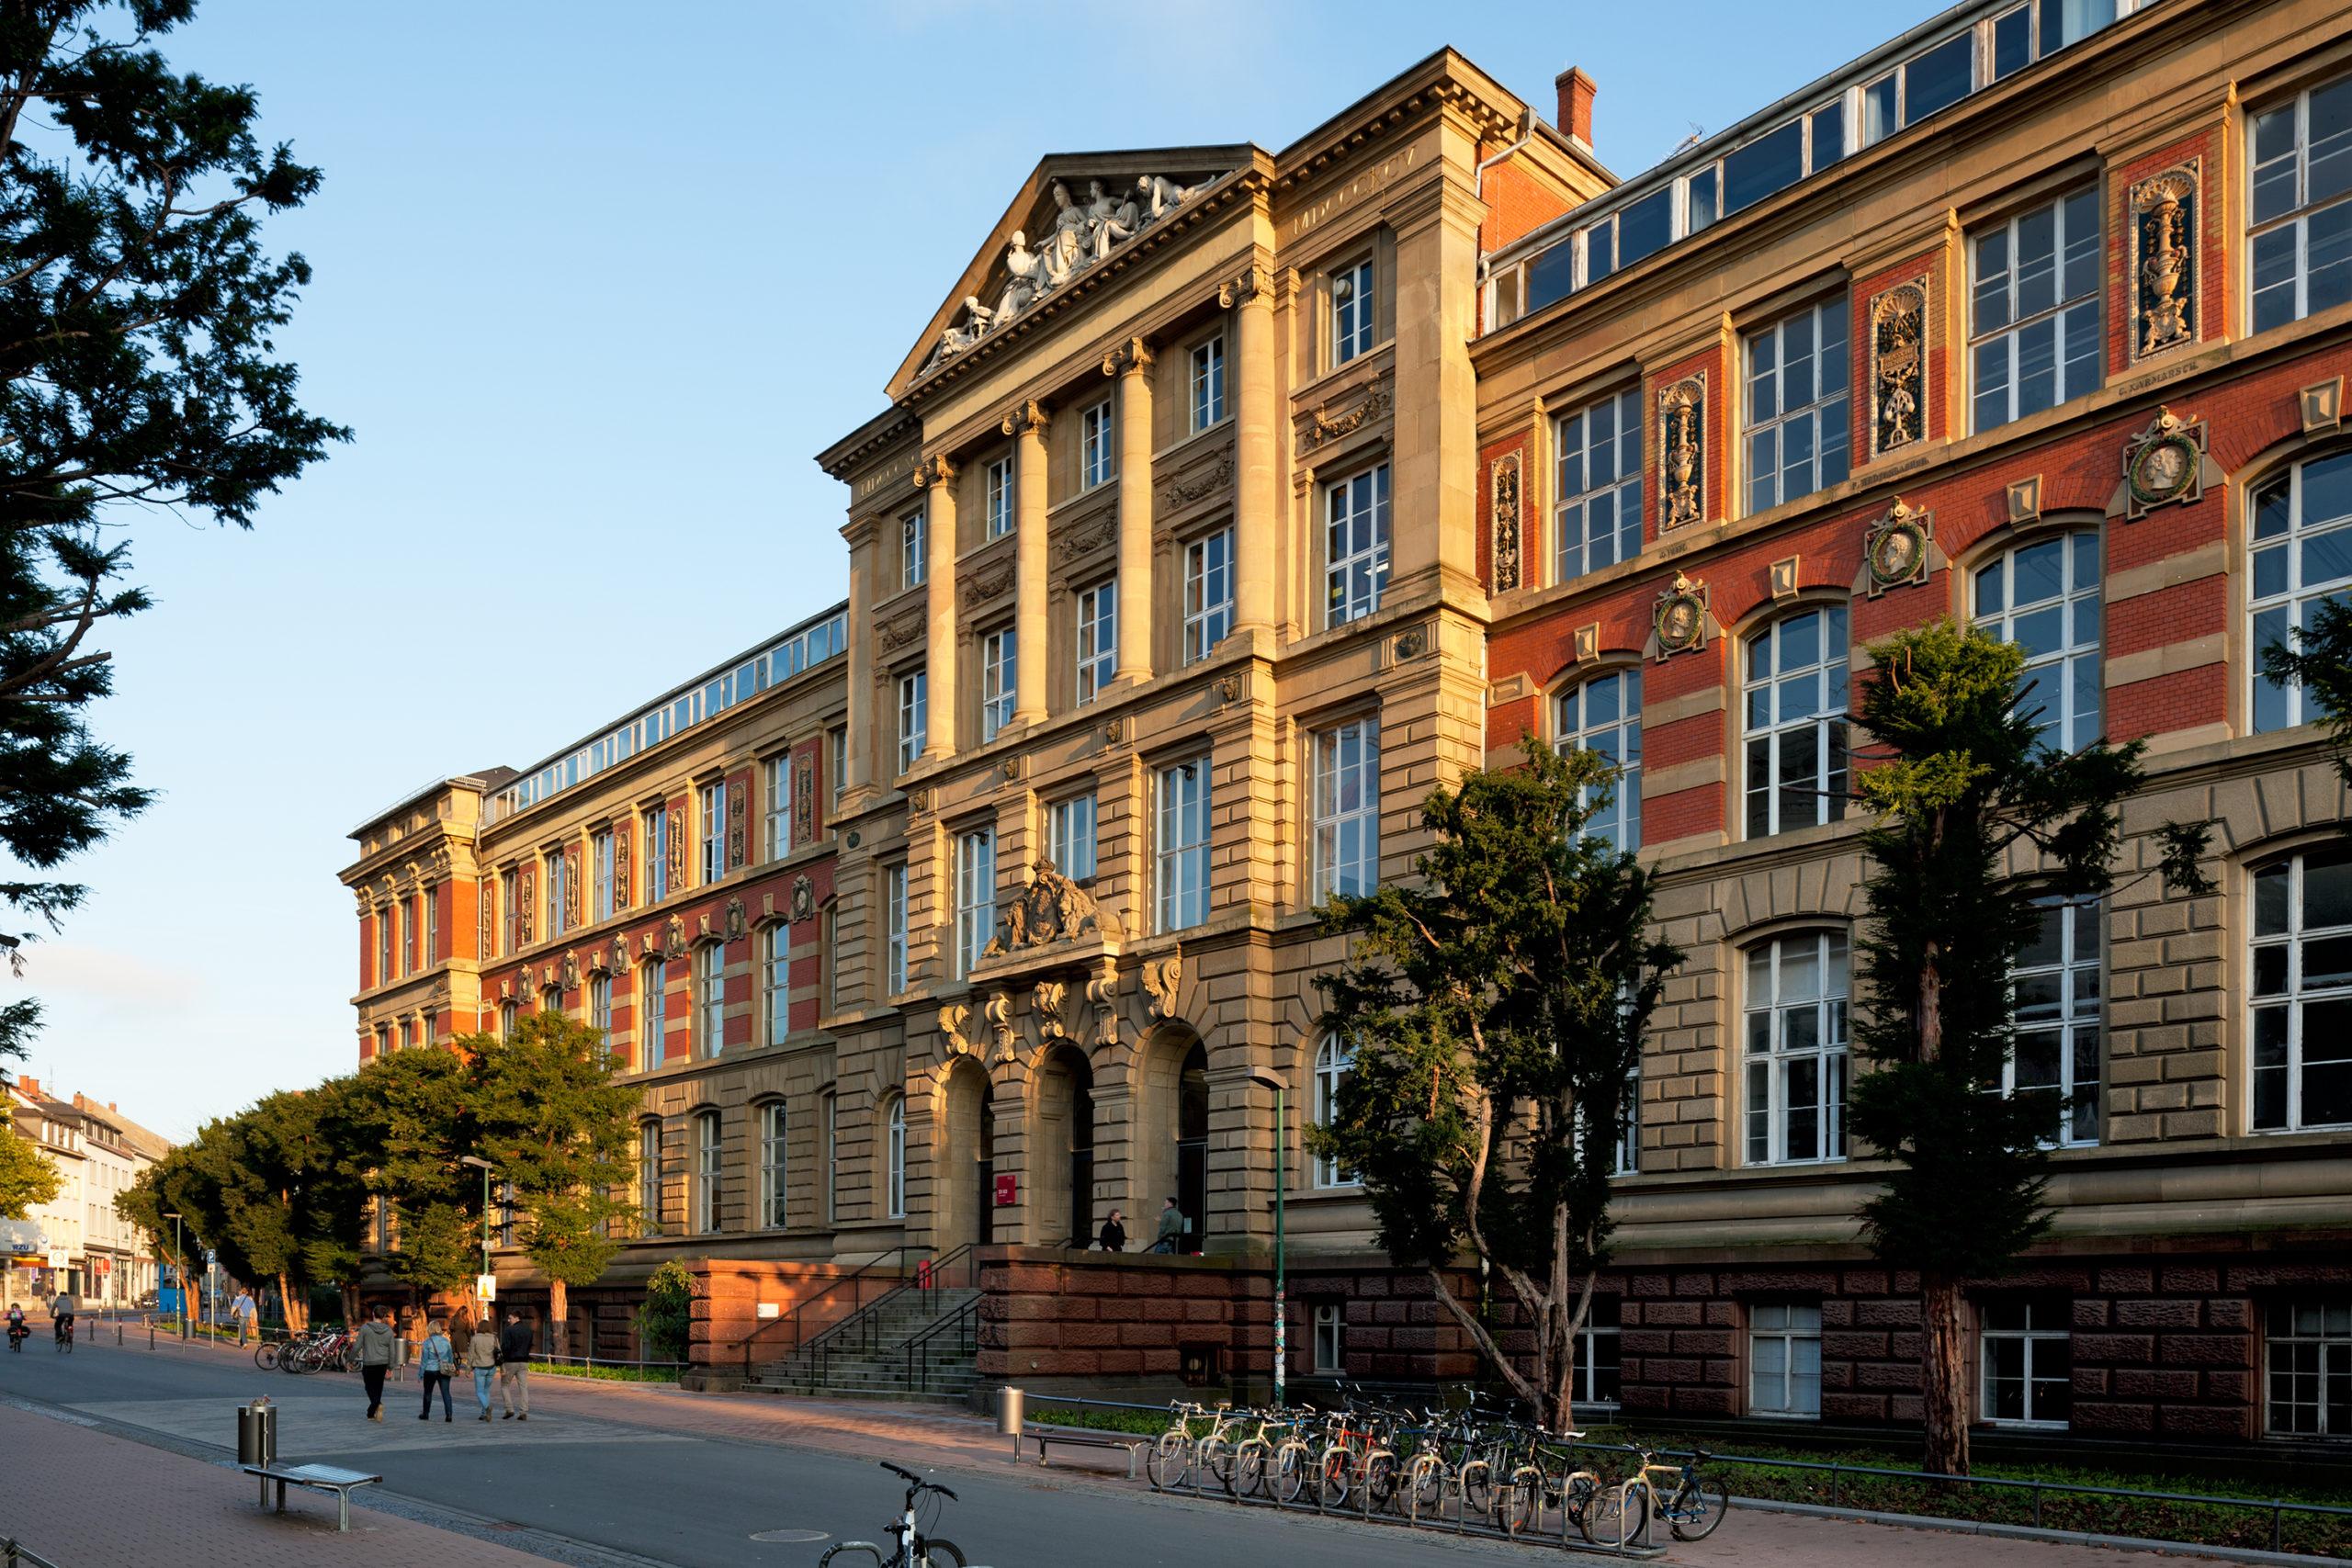 Das Alte Hauptgebäude (S1|03) in der Hochschulstraße wurde 1895  nach Plänen von Heinrich Wagner fertiggestellt und später durch Georg Wickop erweitert. Ab 2012 wurde das unter Denkmalschutz stehende Gebäude etappenweise saniert.